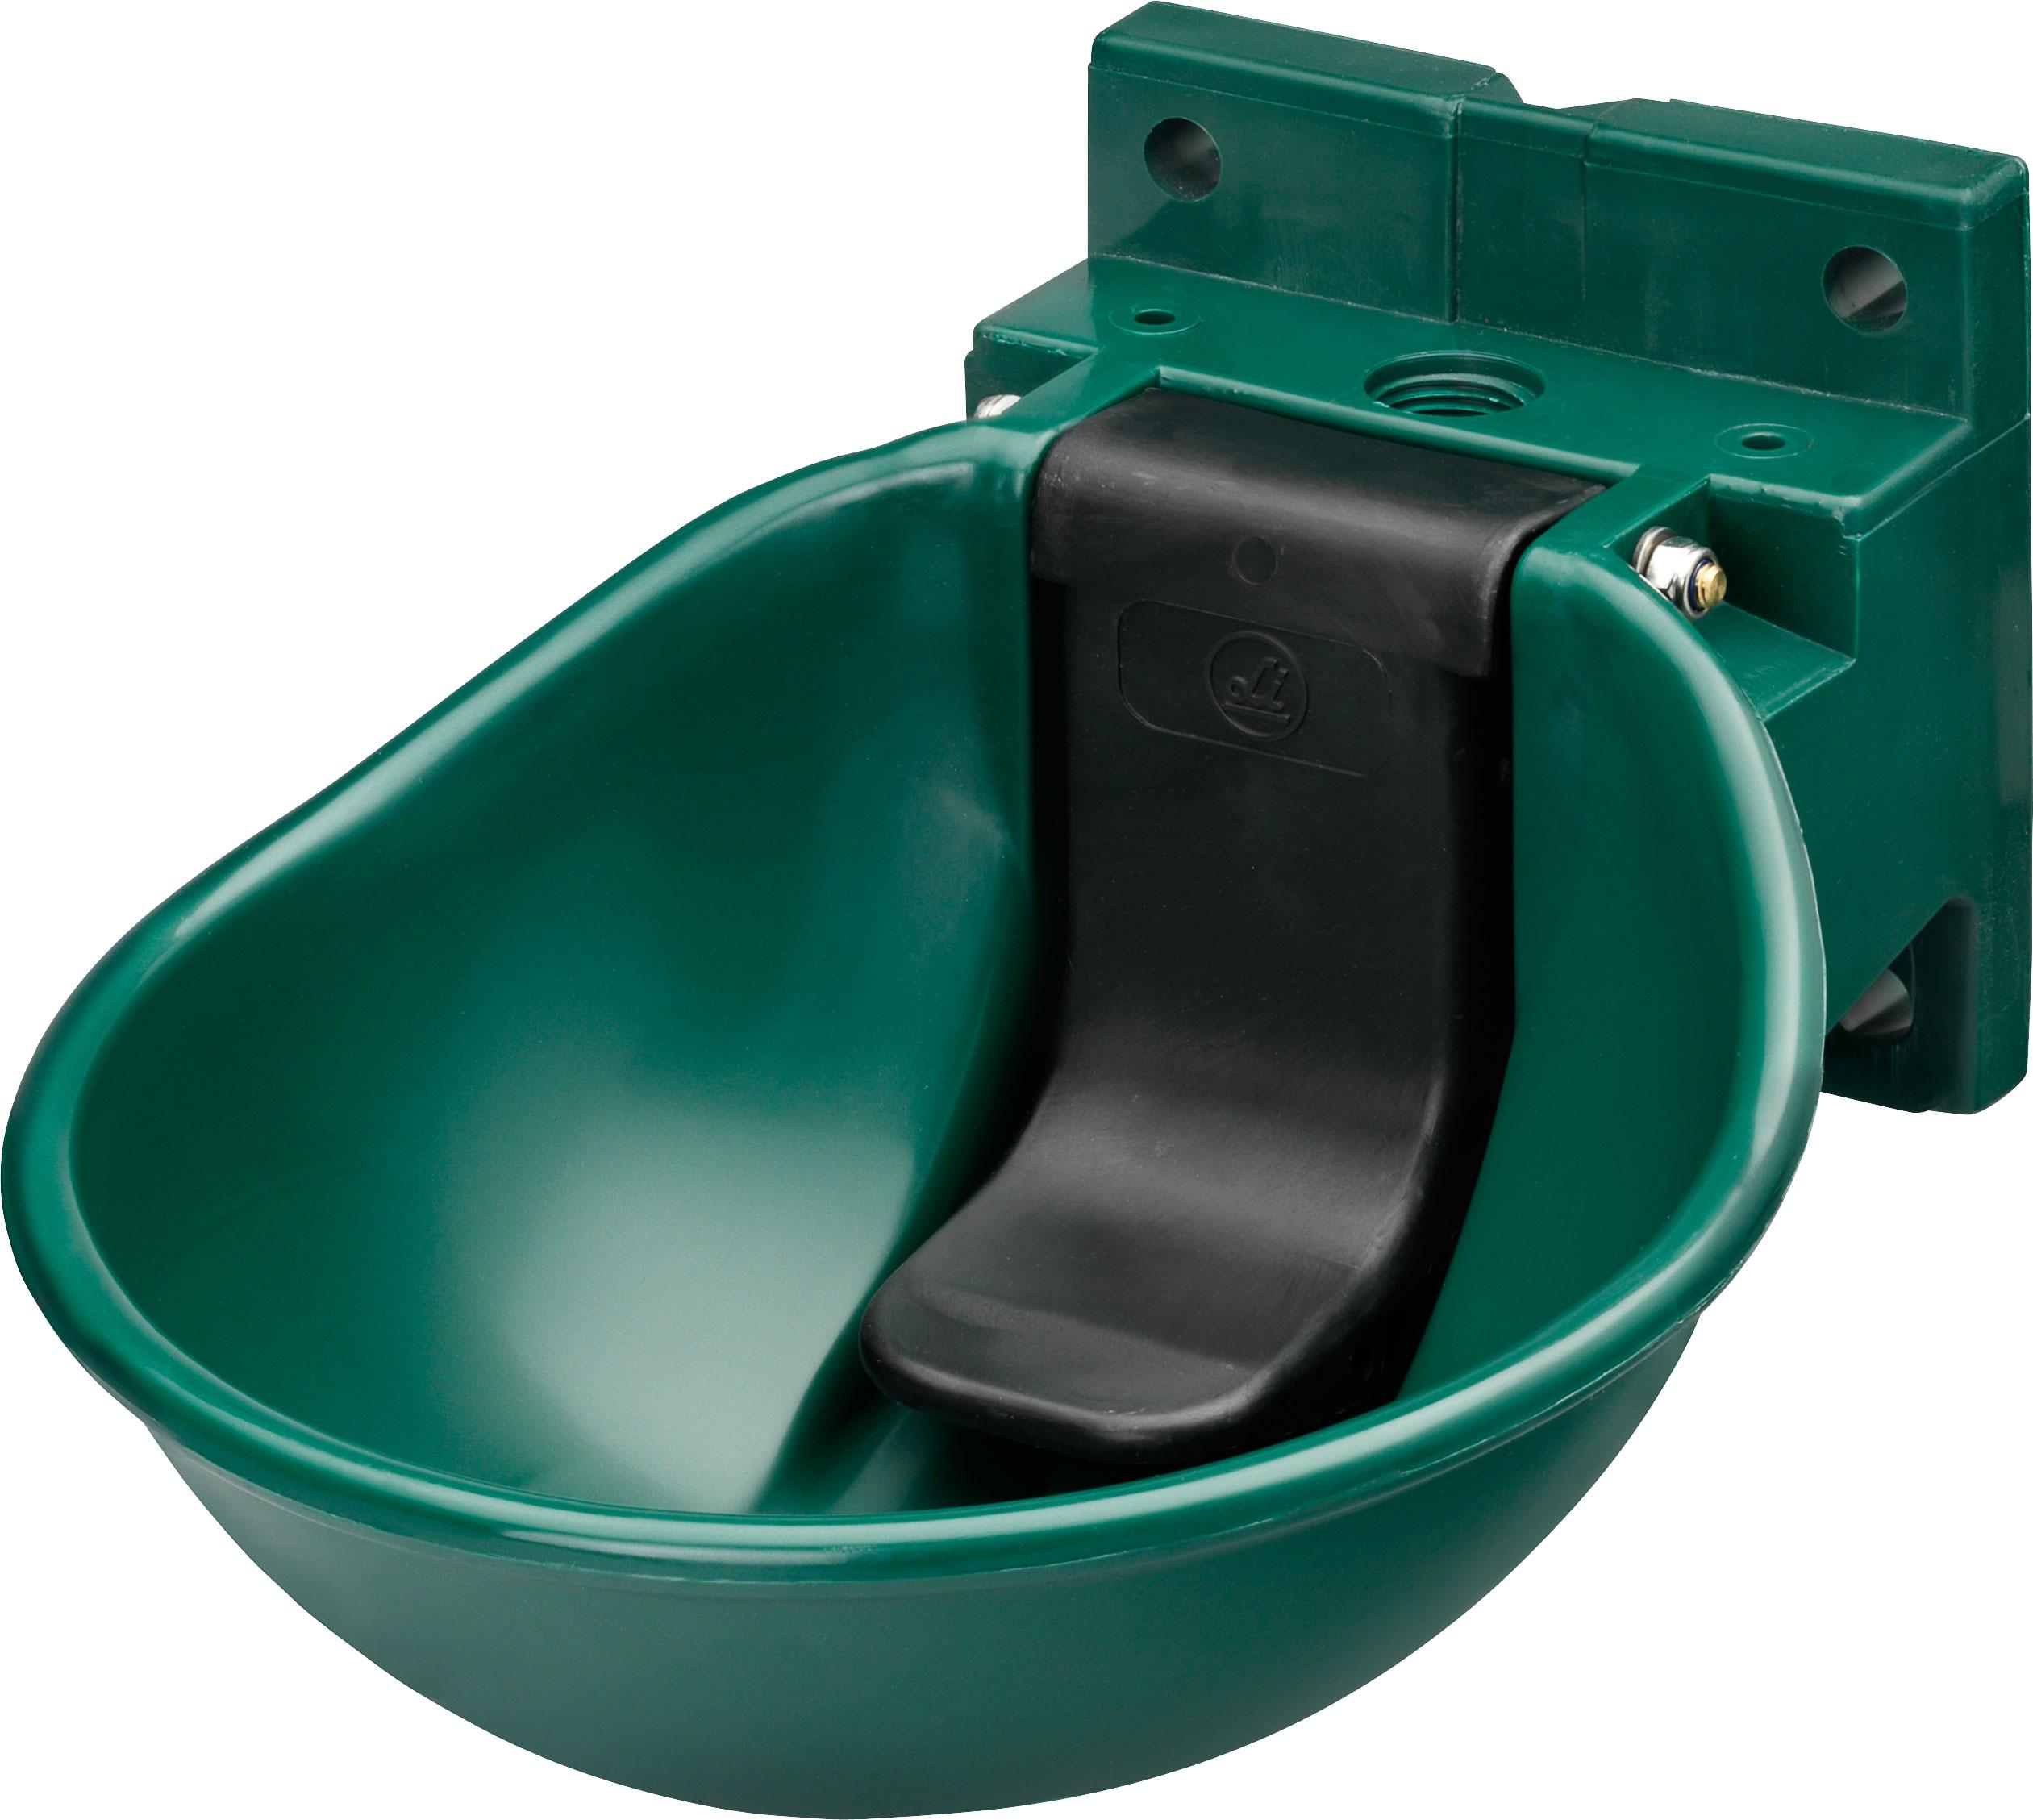 Tränkebecken SB 1 grün